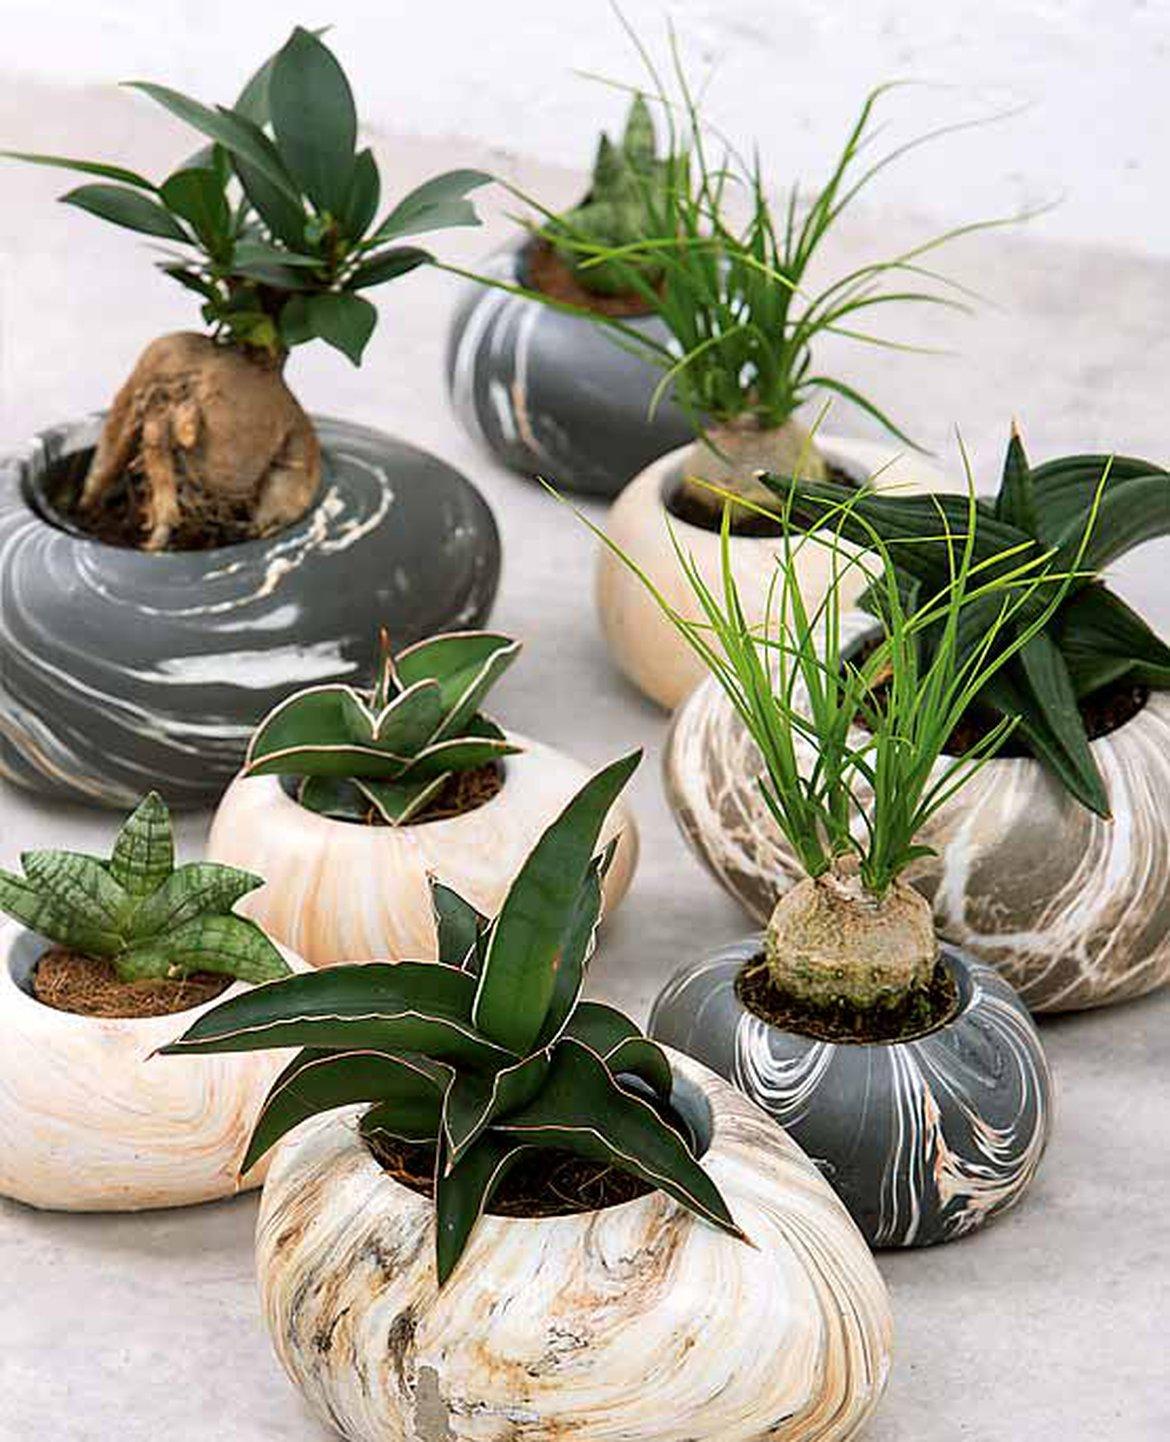 Plantes Pour Tableau Végétal Intérieur tout savoir sur les plantes d'intérieur pour une décoration